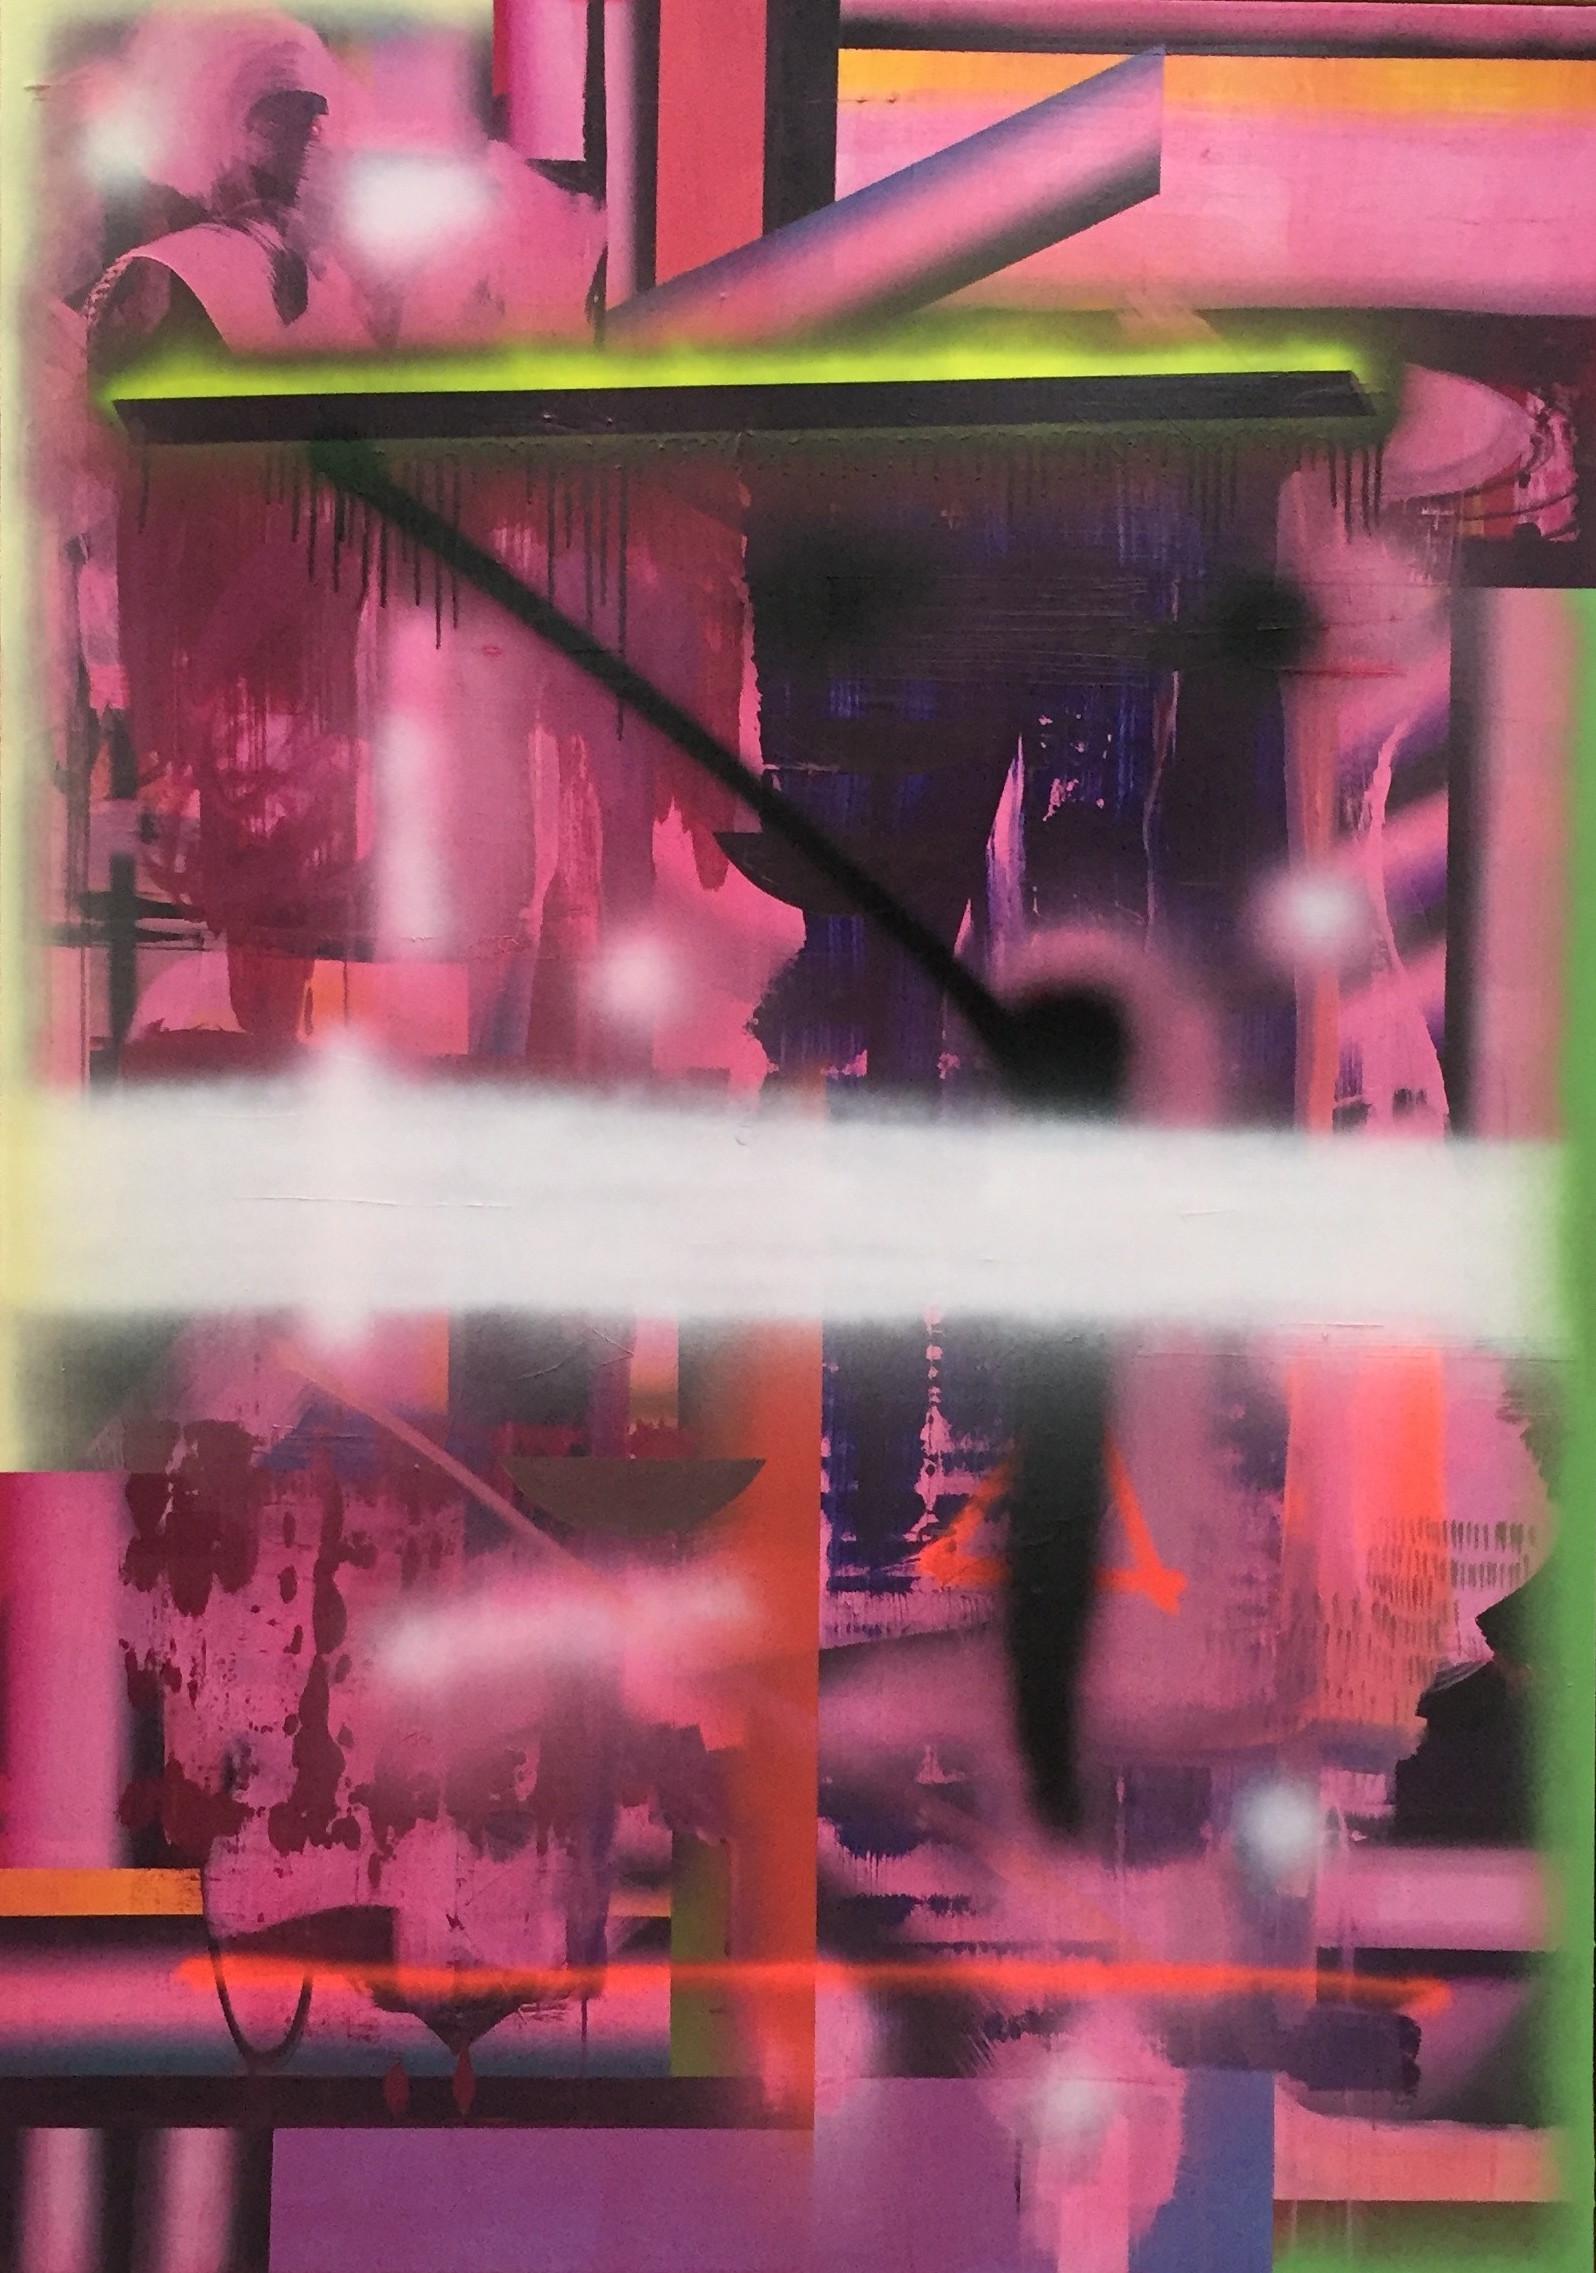 Om vekten av en lettelse Acrylic and spray on linen 190 x 134 cm